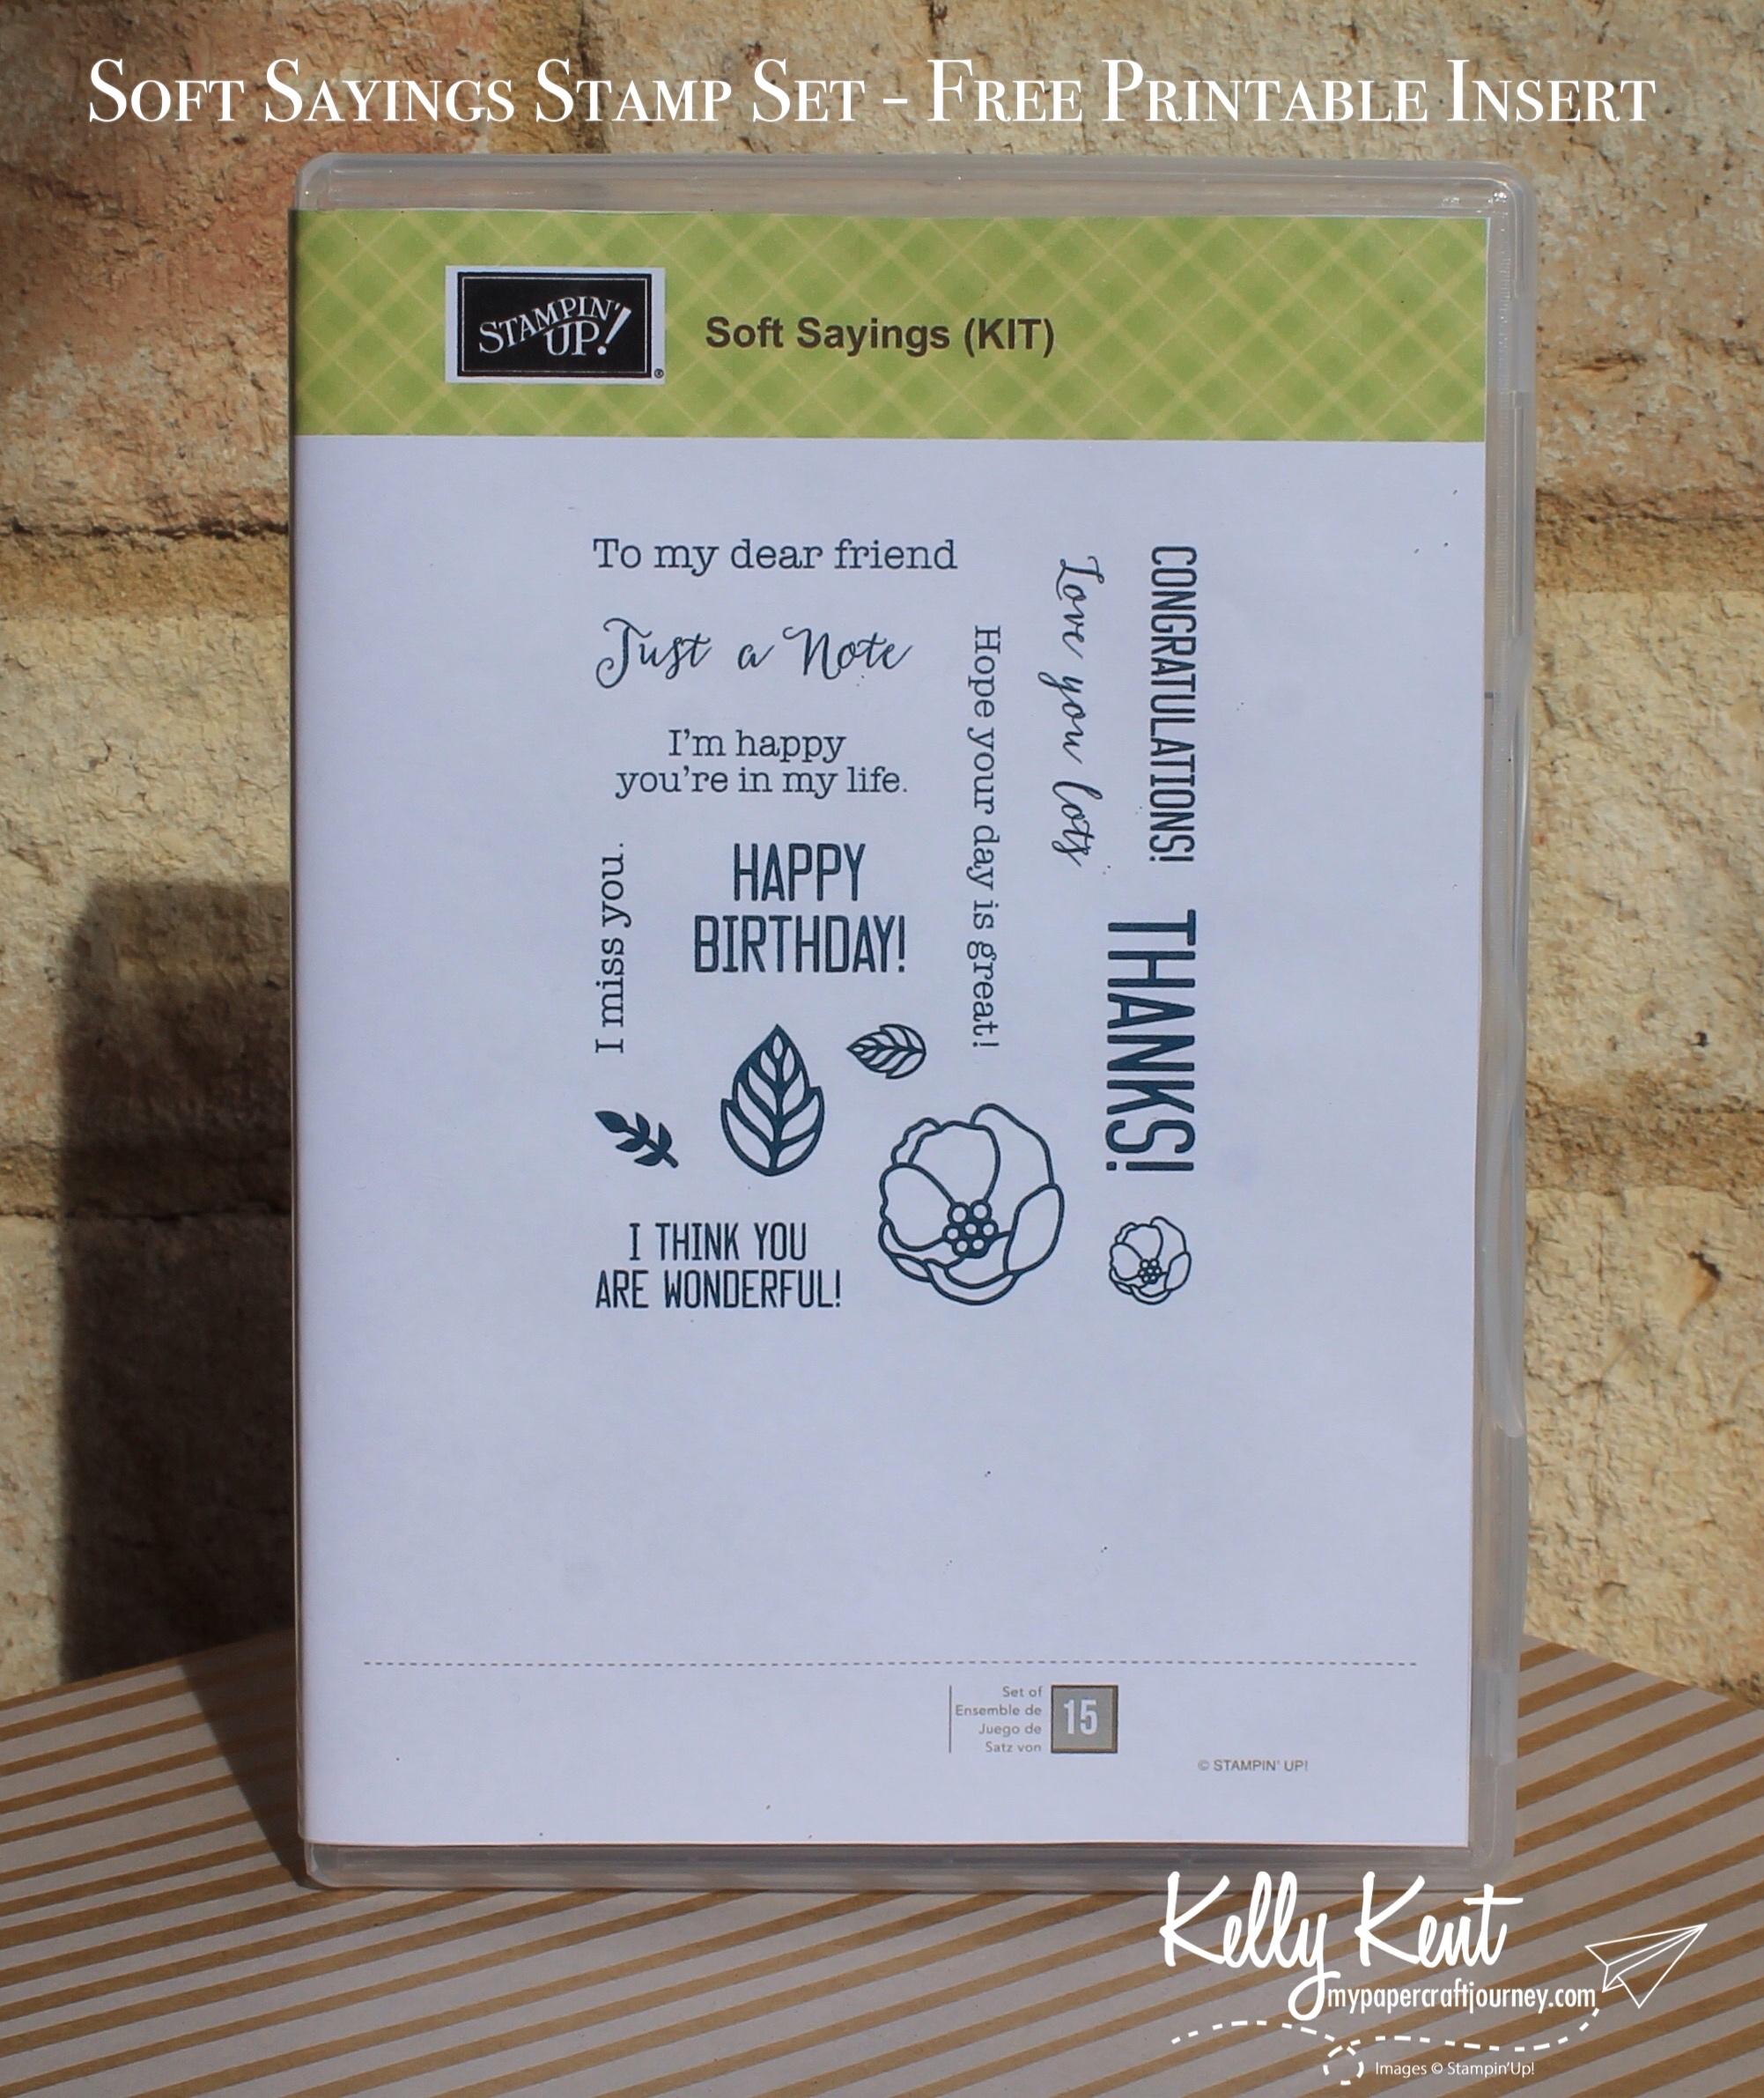 Soft Sayings stamp set - free printable case insert | kelly kent